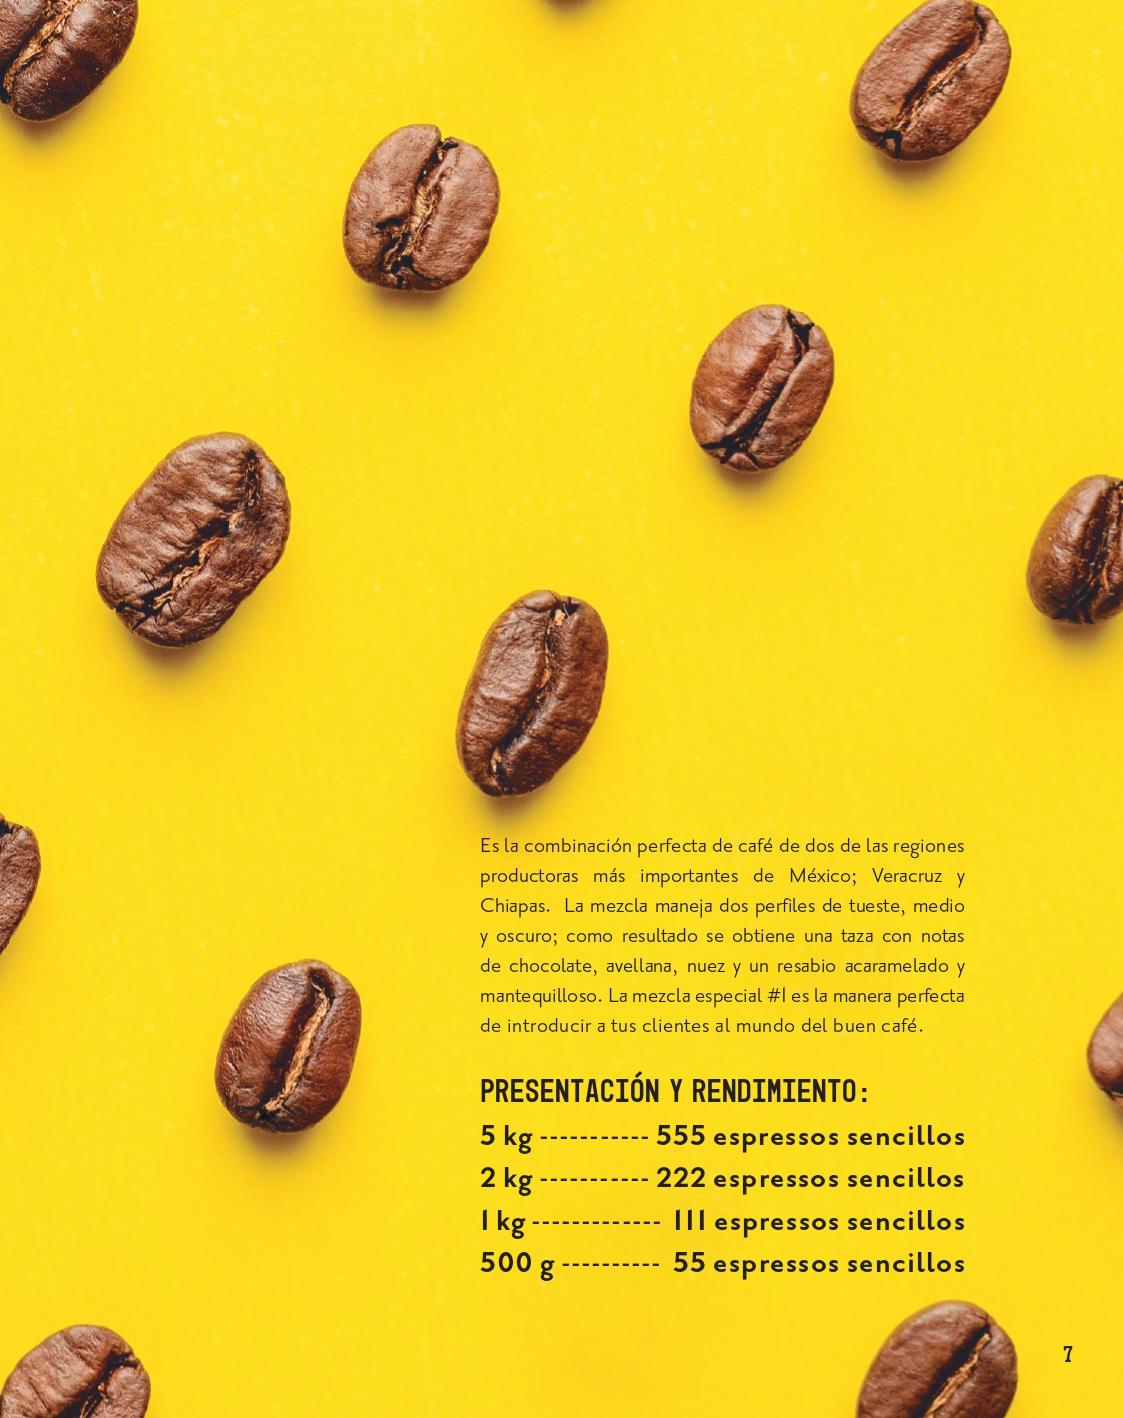 Café Mezcla Especial #1